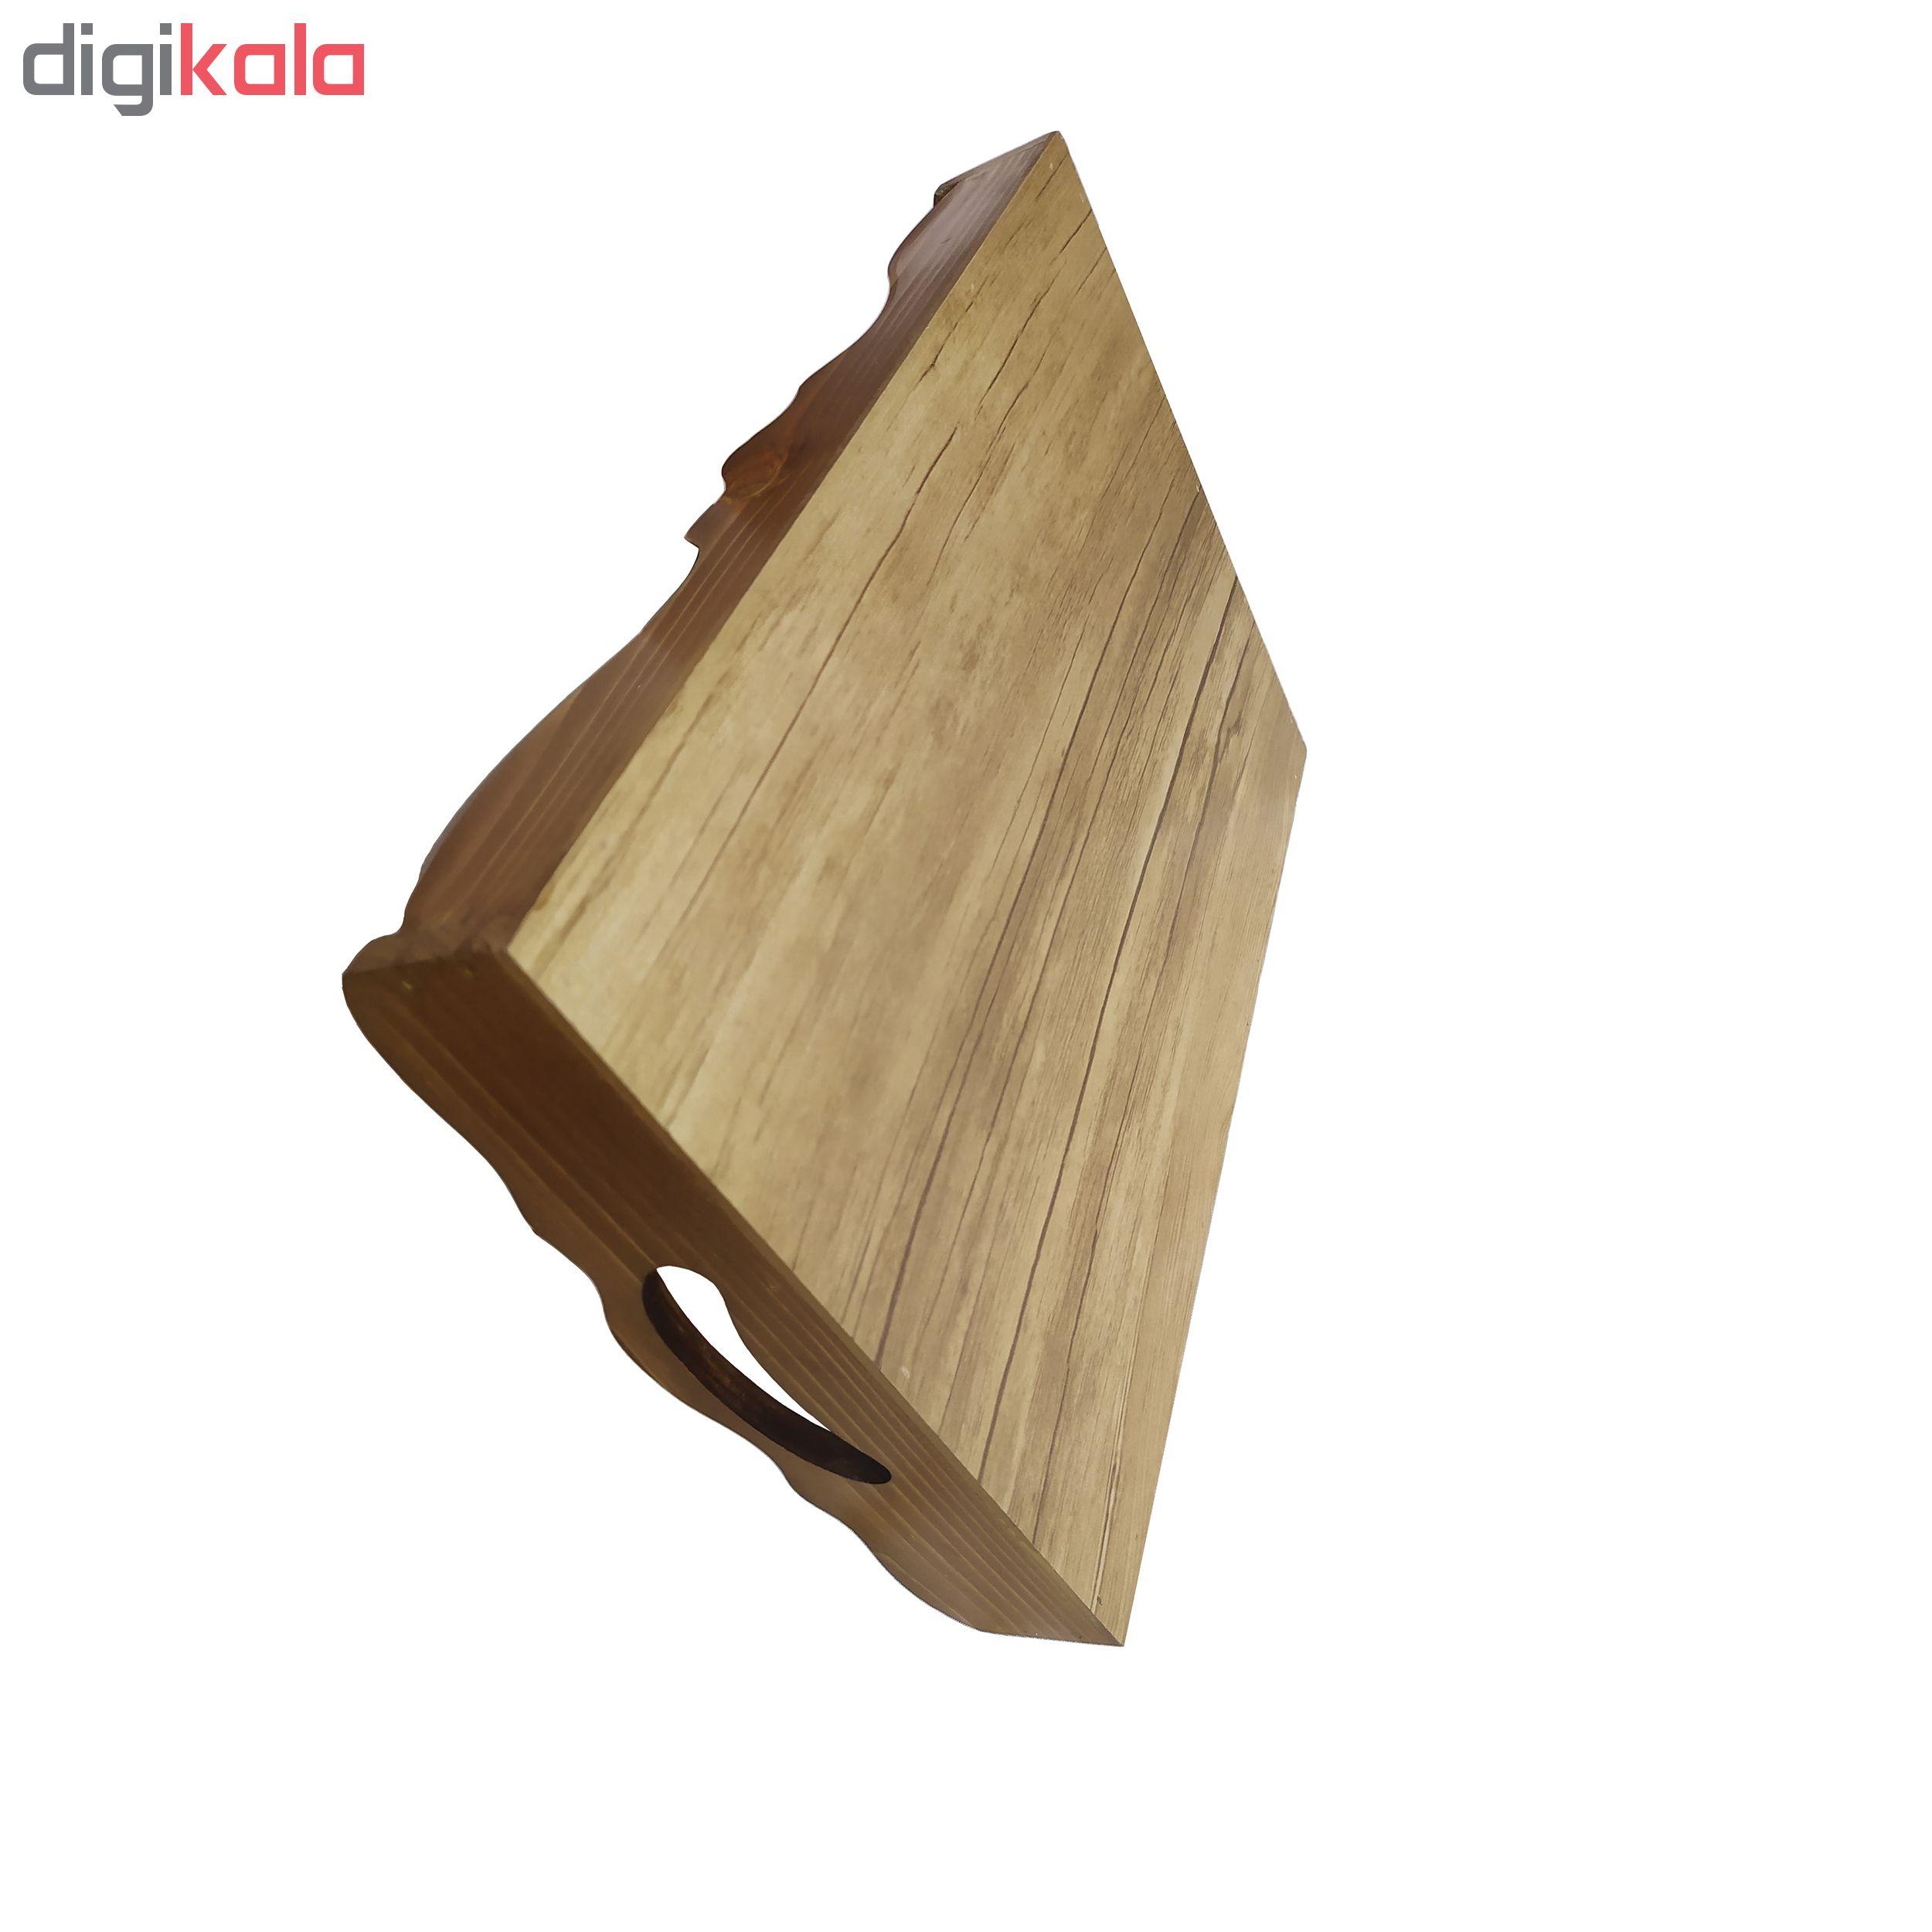 سینی کاشی کاری چوبی کد 203060